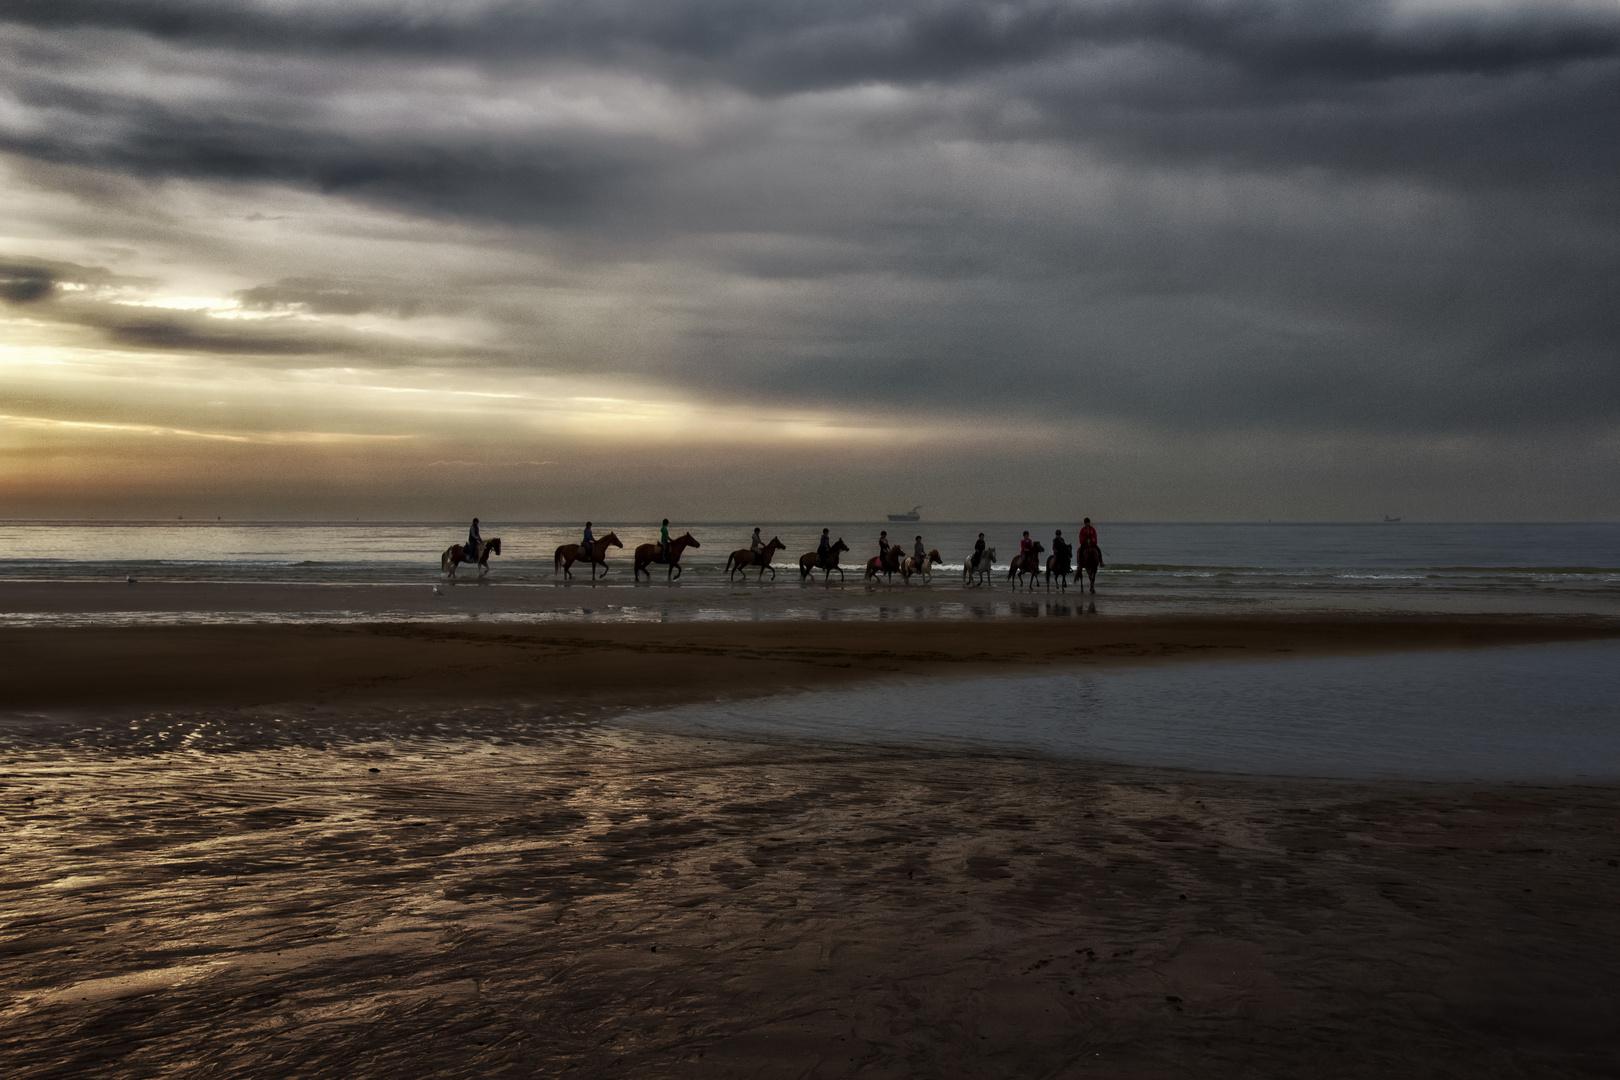 Equitación al borde del mar II